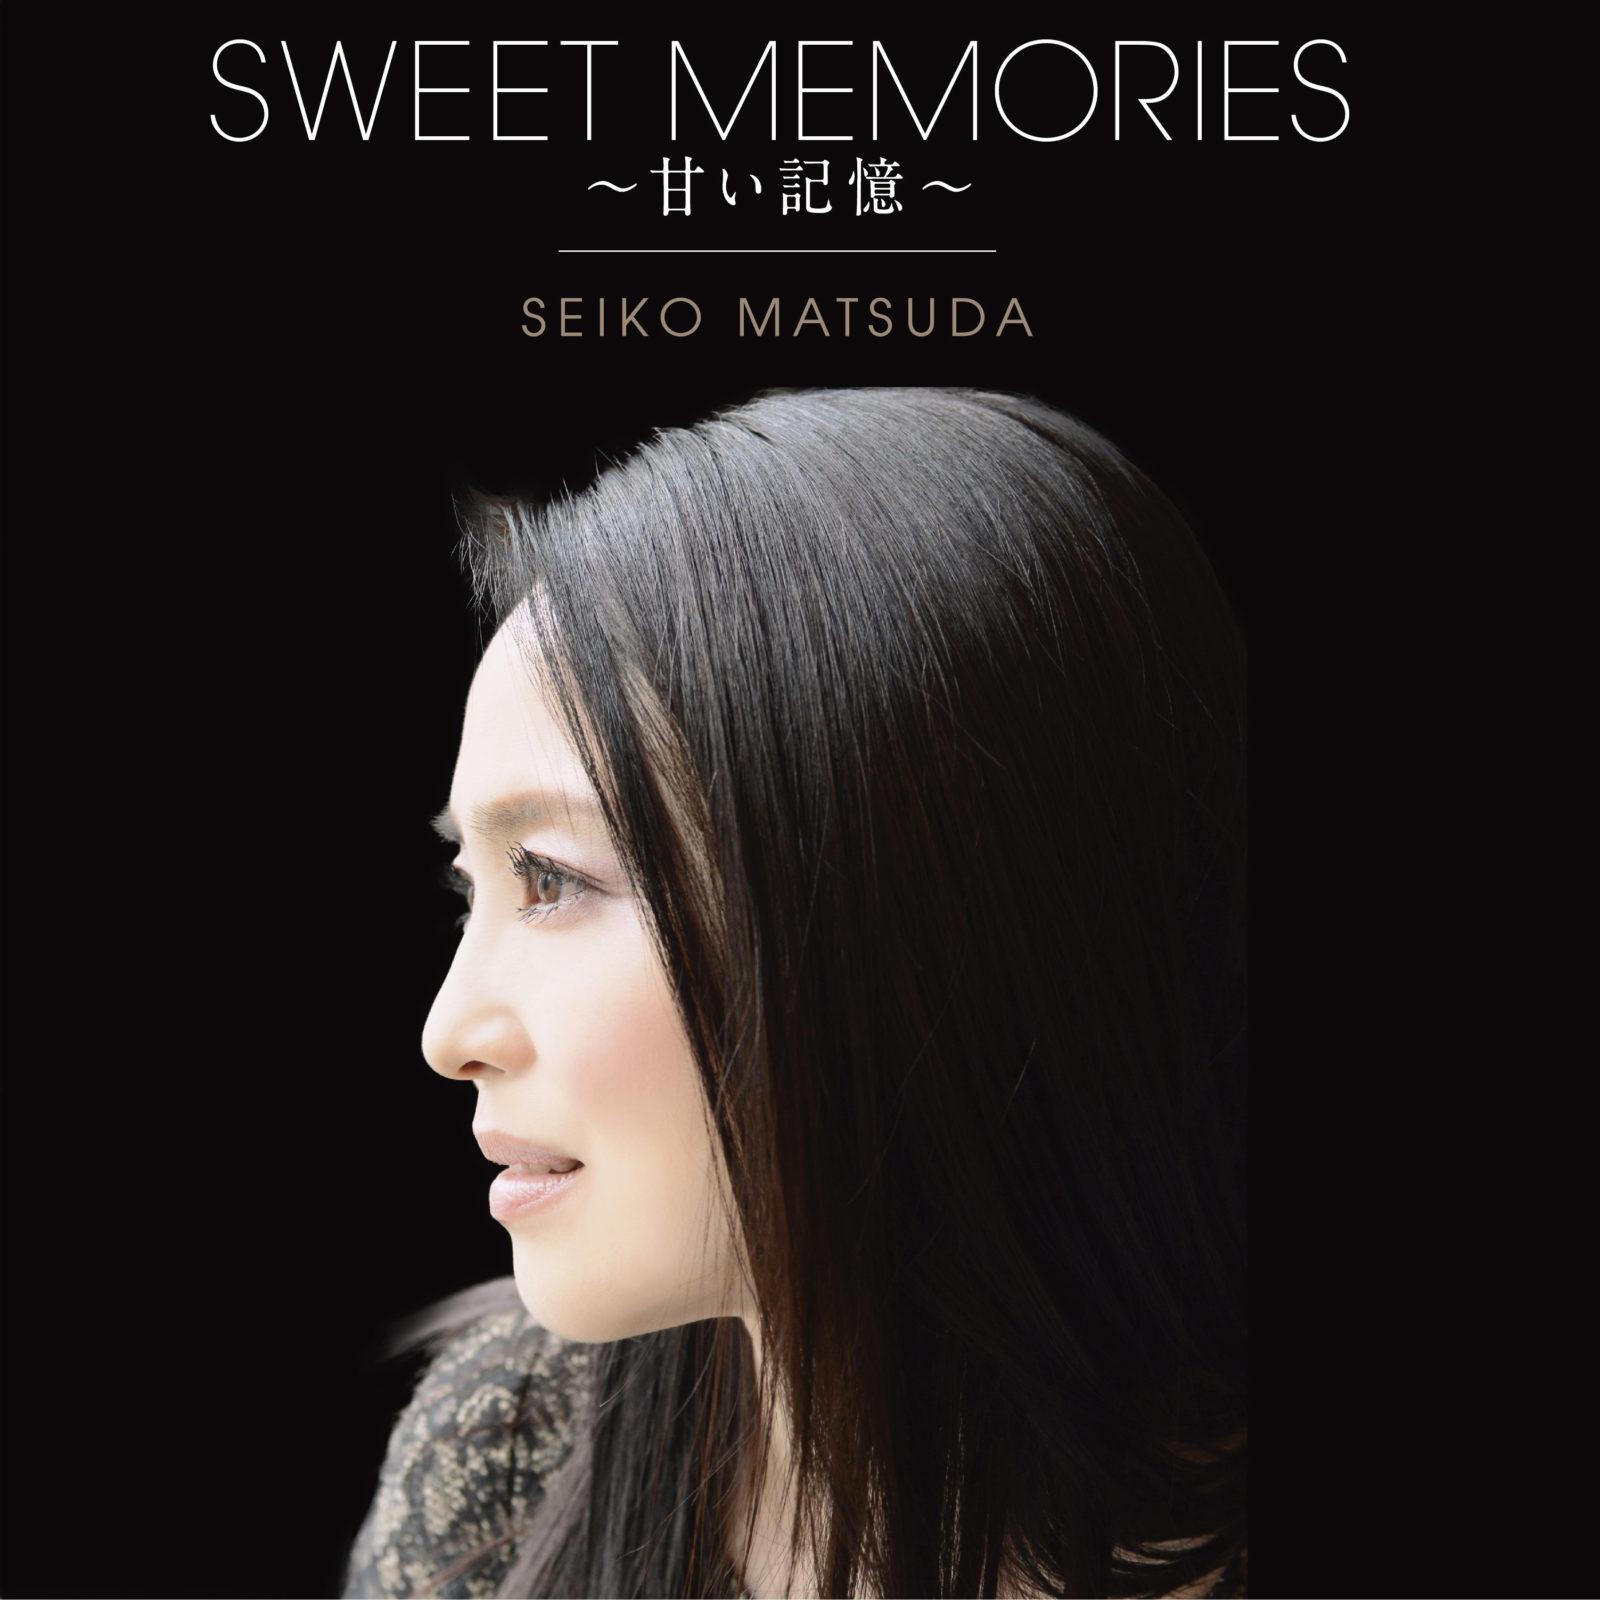 松田聖子、40周年記念楽曲「SWEET MEMORIES~甘い記憶~」がマクドナルド新CMソングに決定サムネイル画像